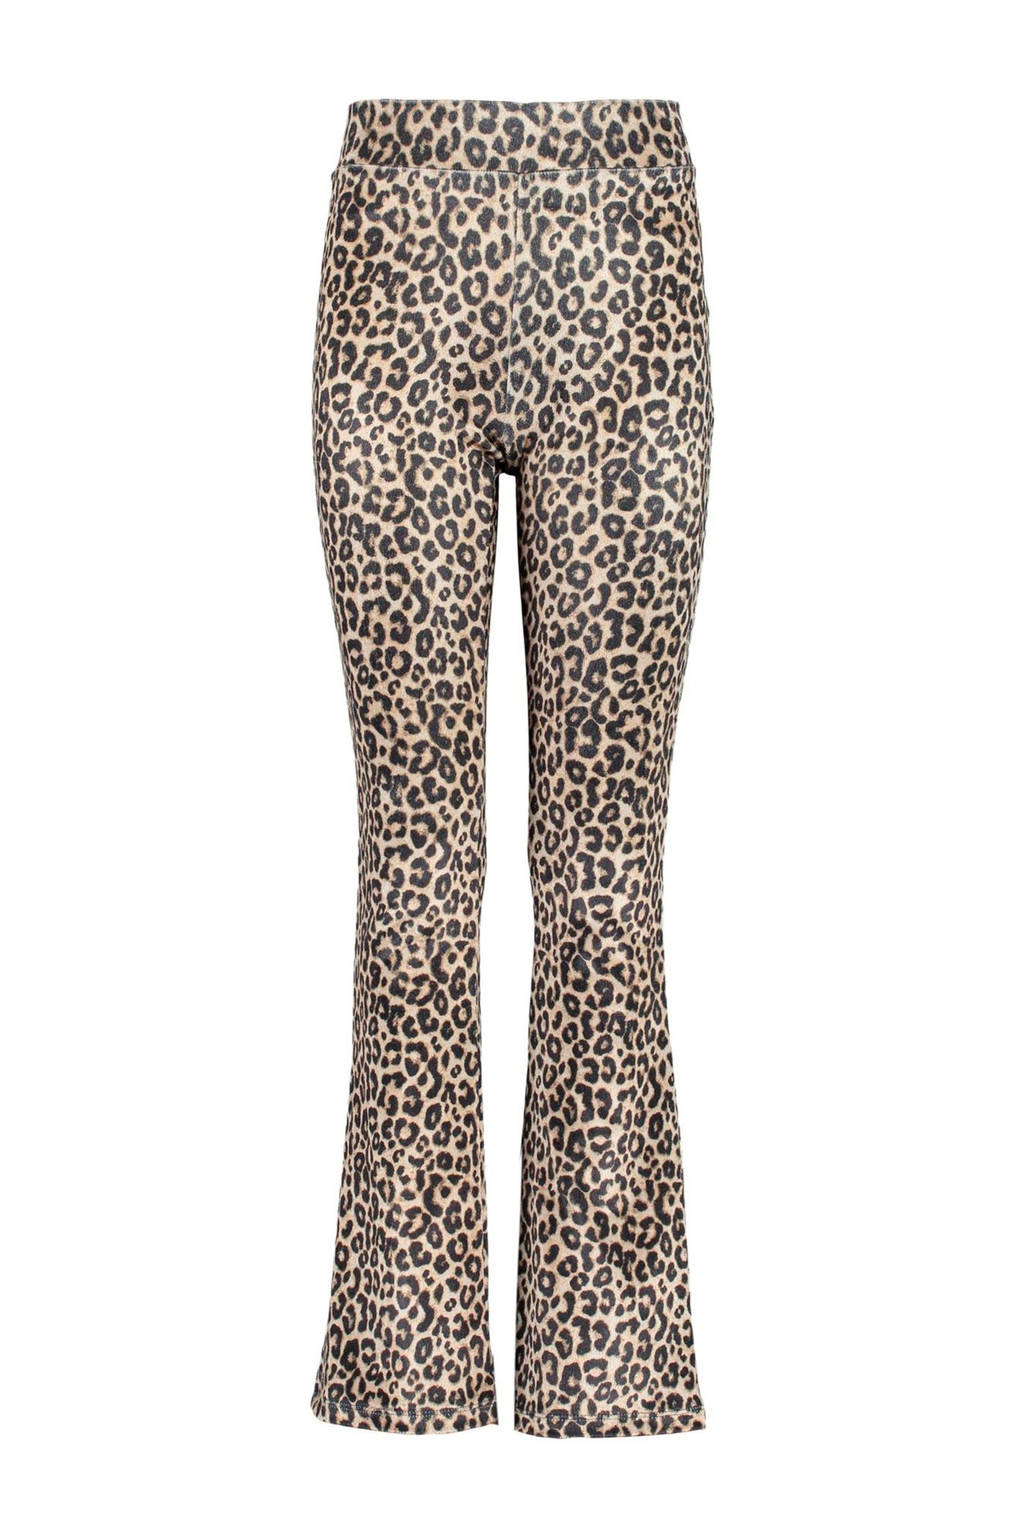 CoolCat Junior flared broek Peppa met panterprint beige/zwart, Beige/zwart